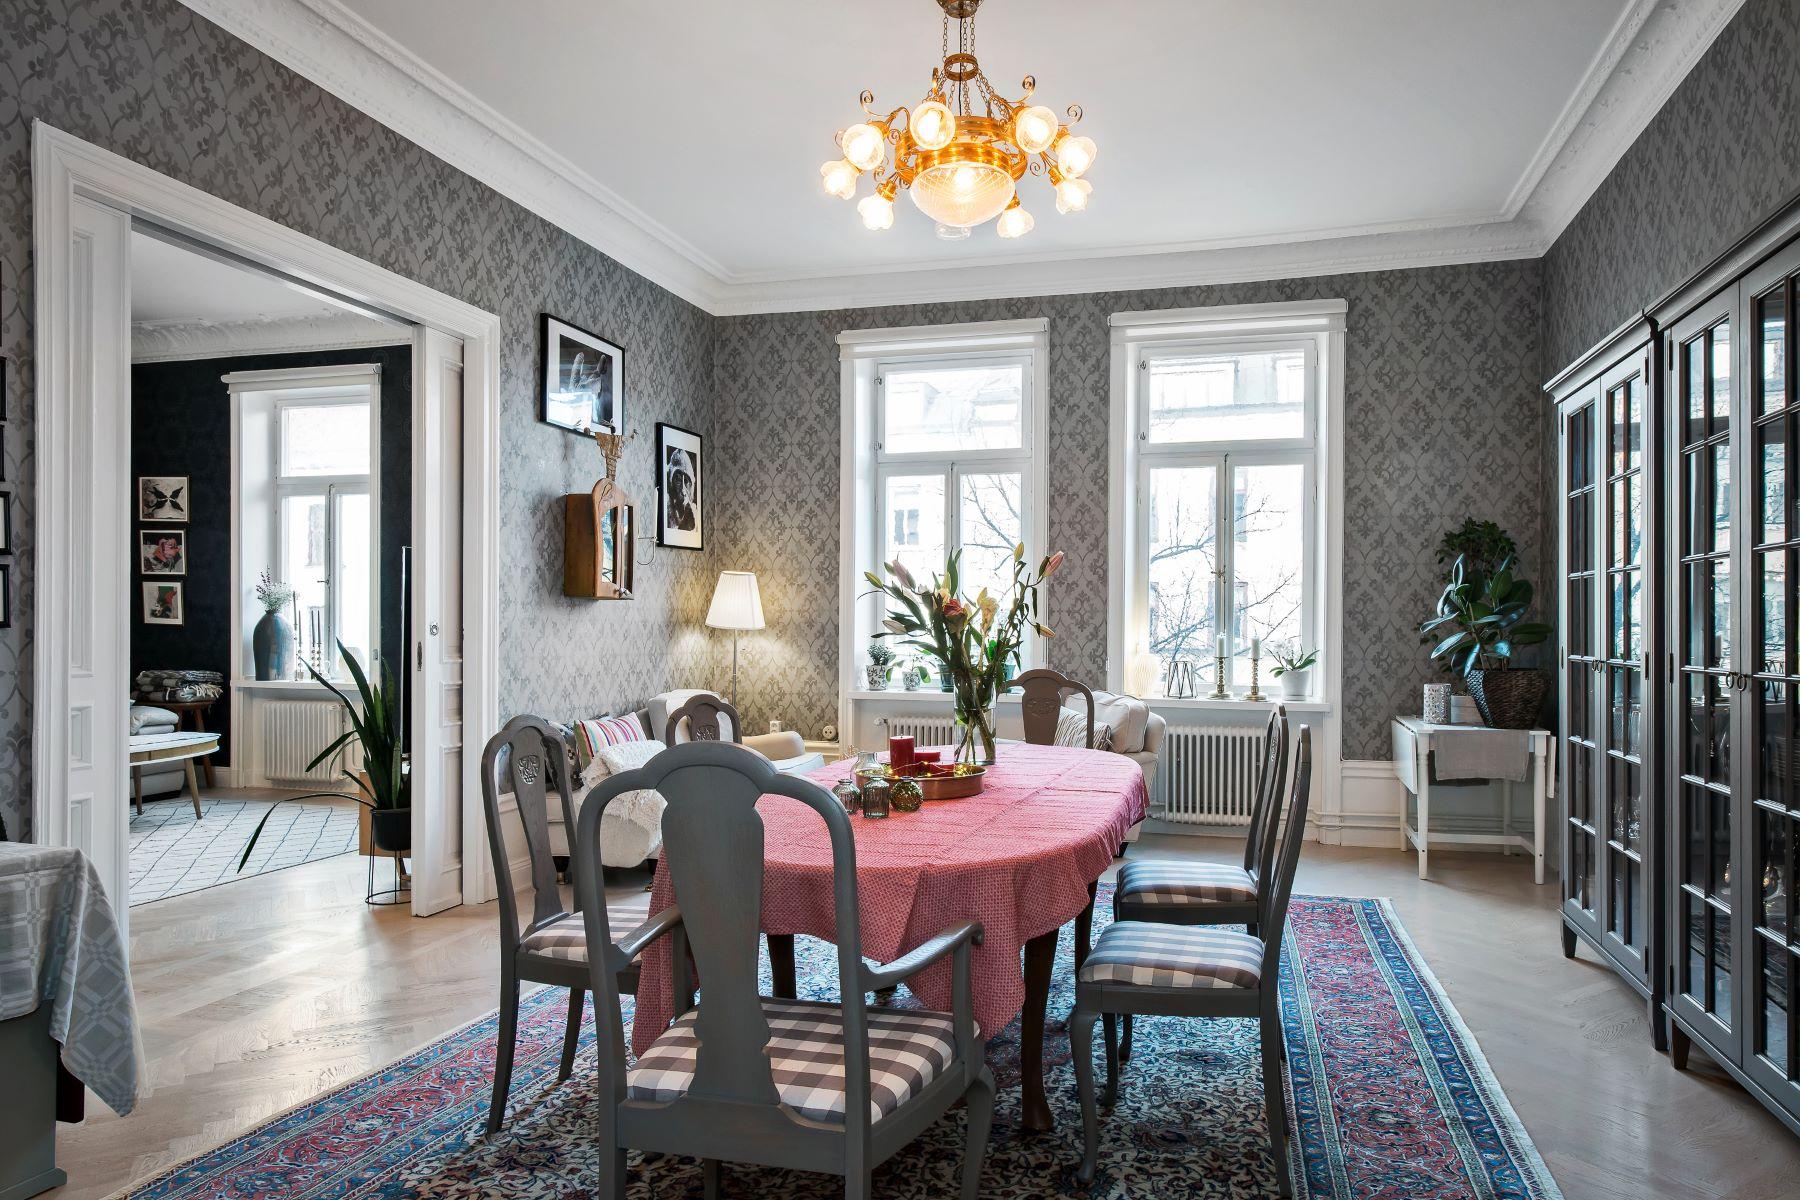 Apartamento para Venda às Odengatan 35 Stockholm, Stockholm, 11351 Suécia